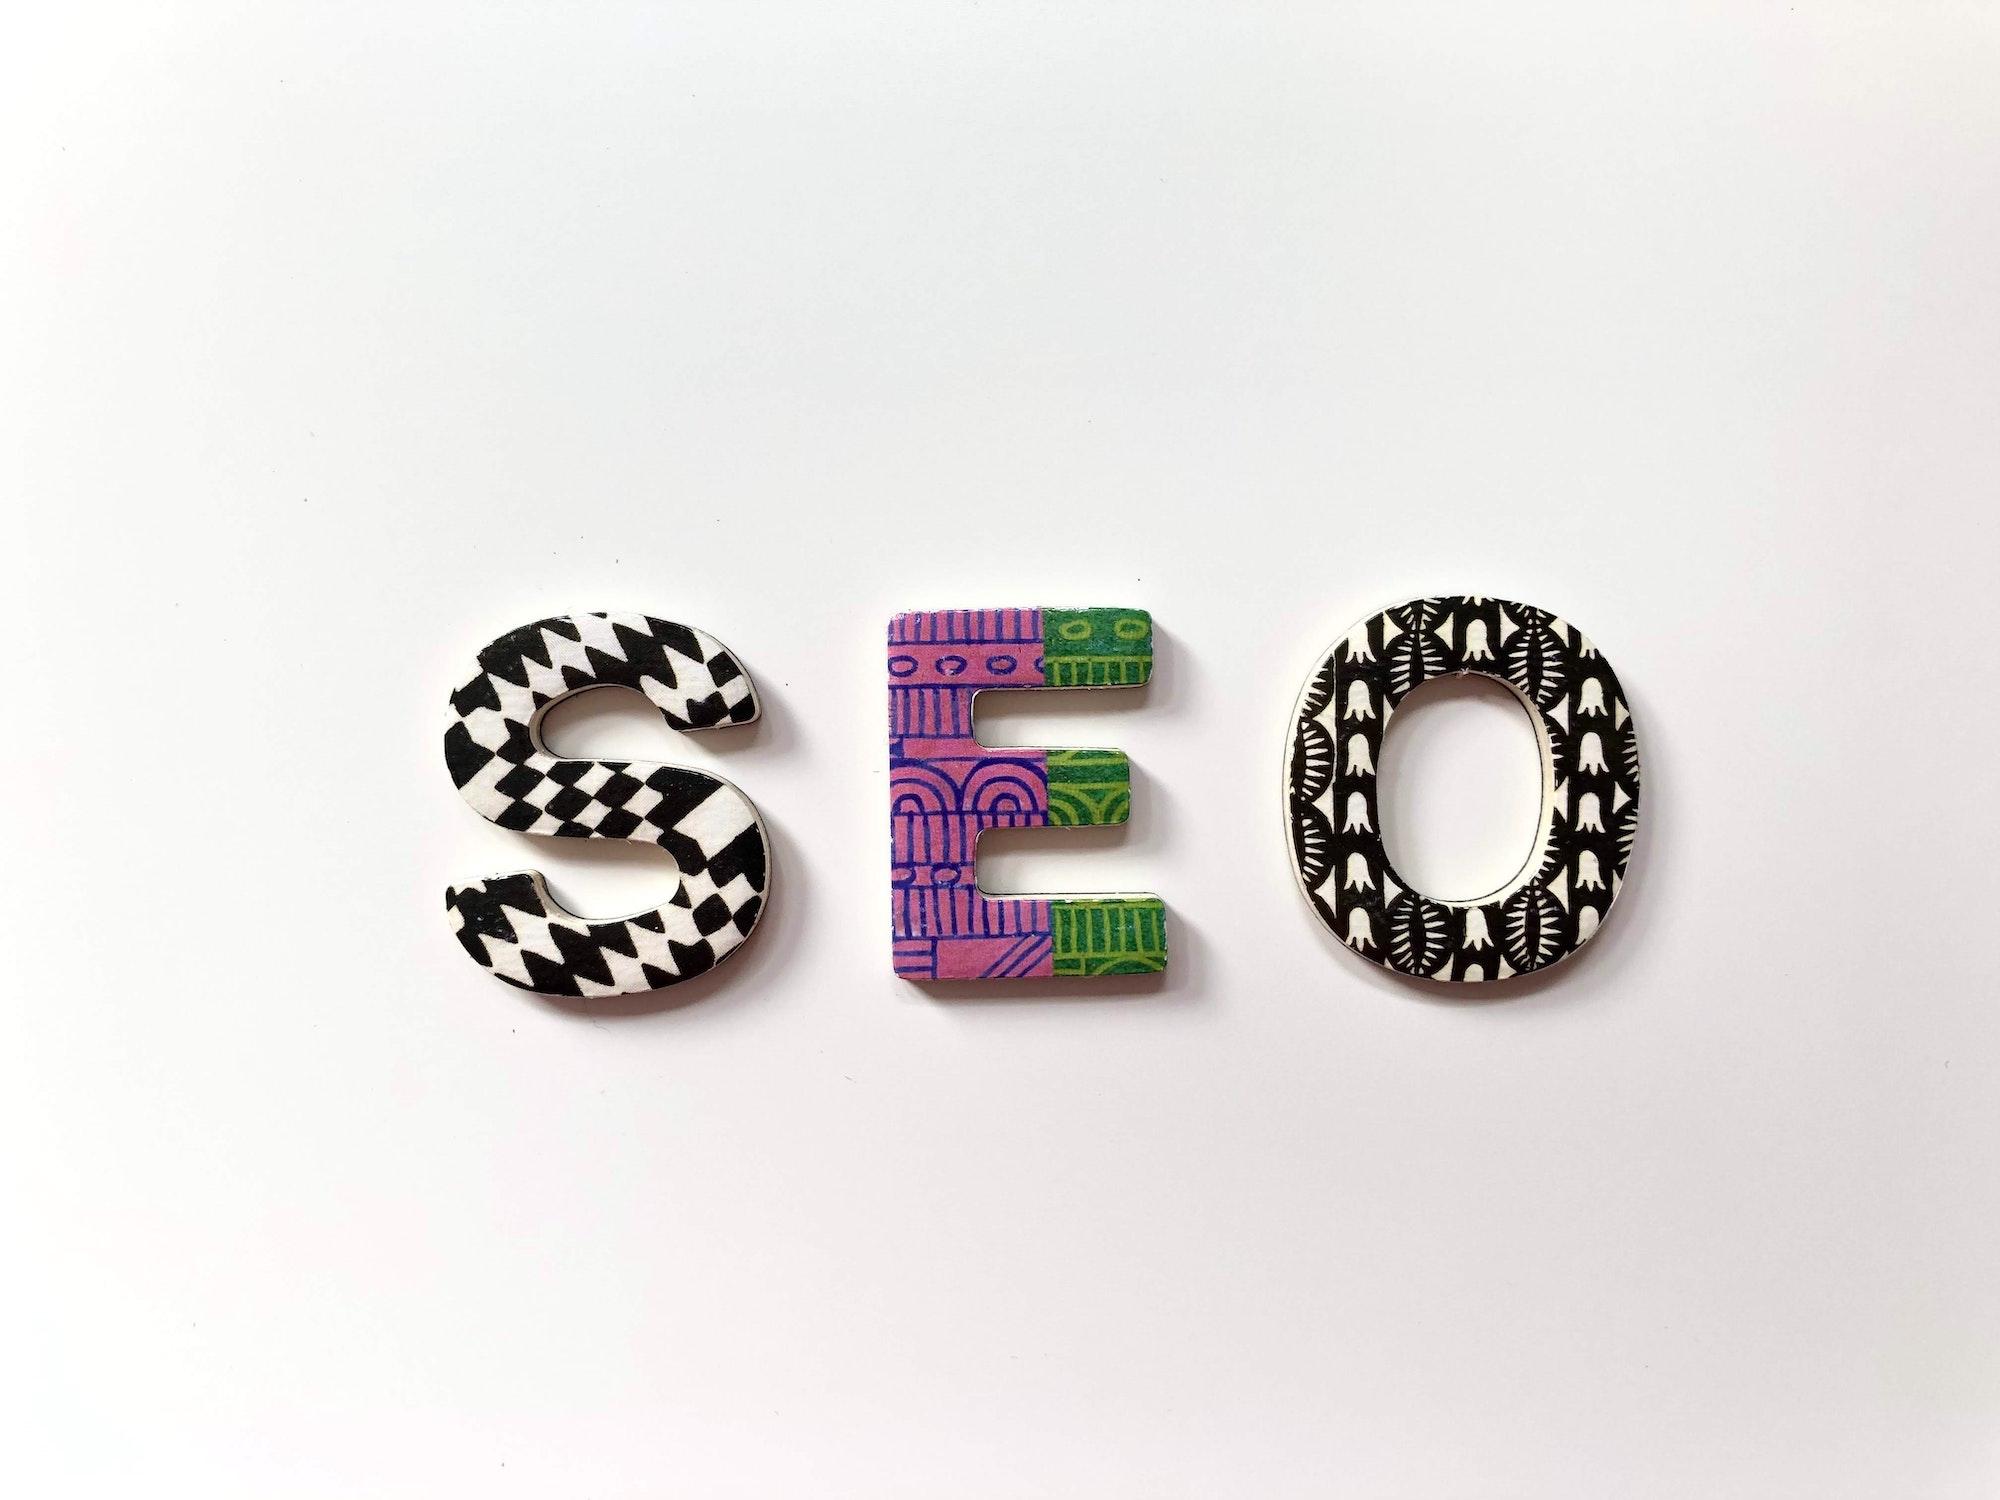 Podcast-Marketing mit SEO - Strategisch Reichweite erhöhen